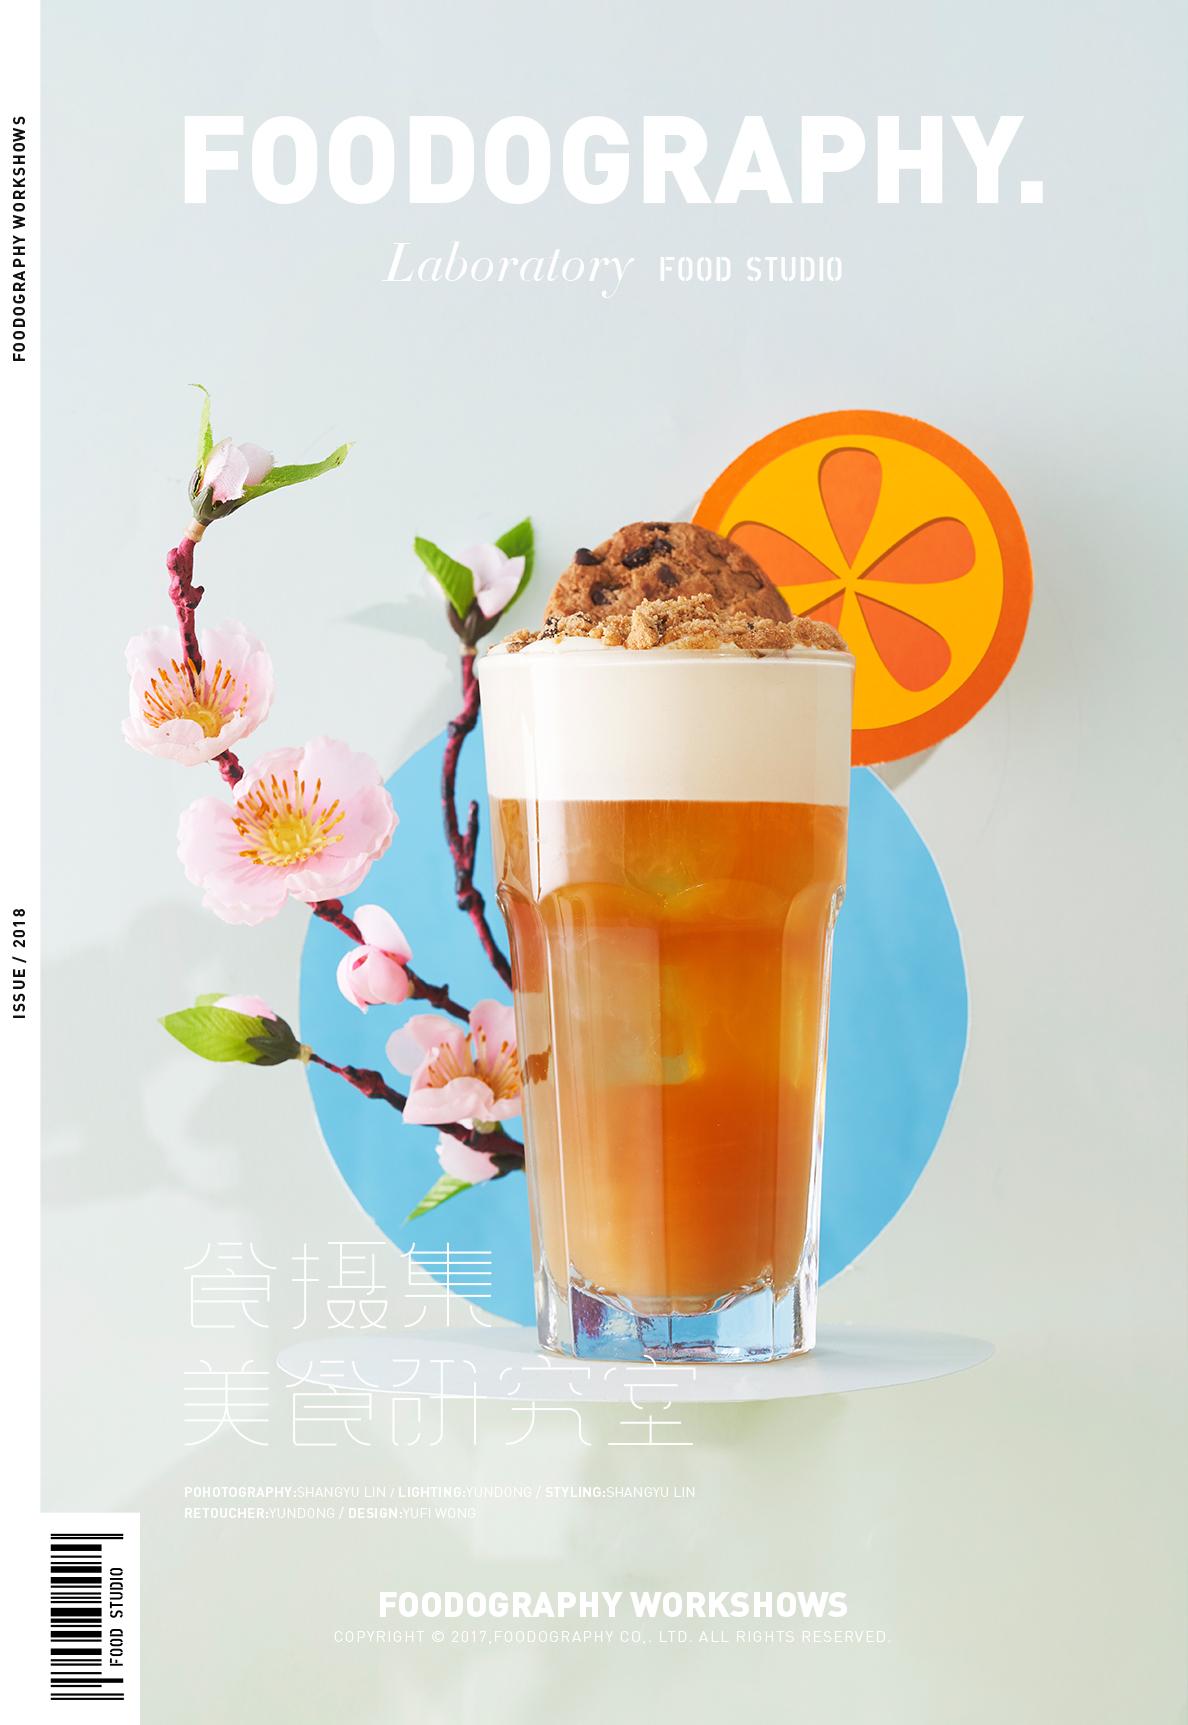 总有一杯属于你夏天的茶 |食摄集 饮品摄影